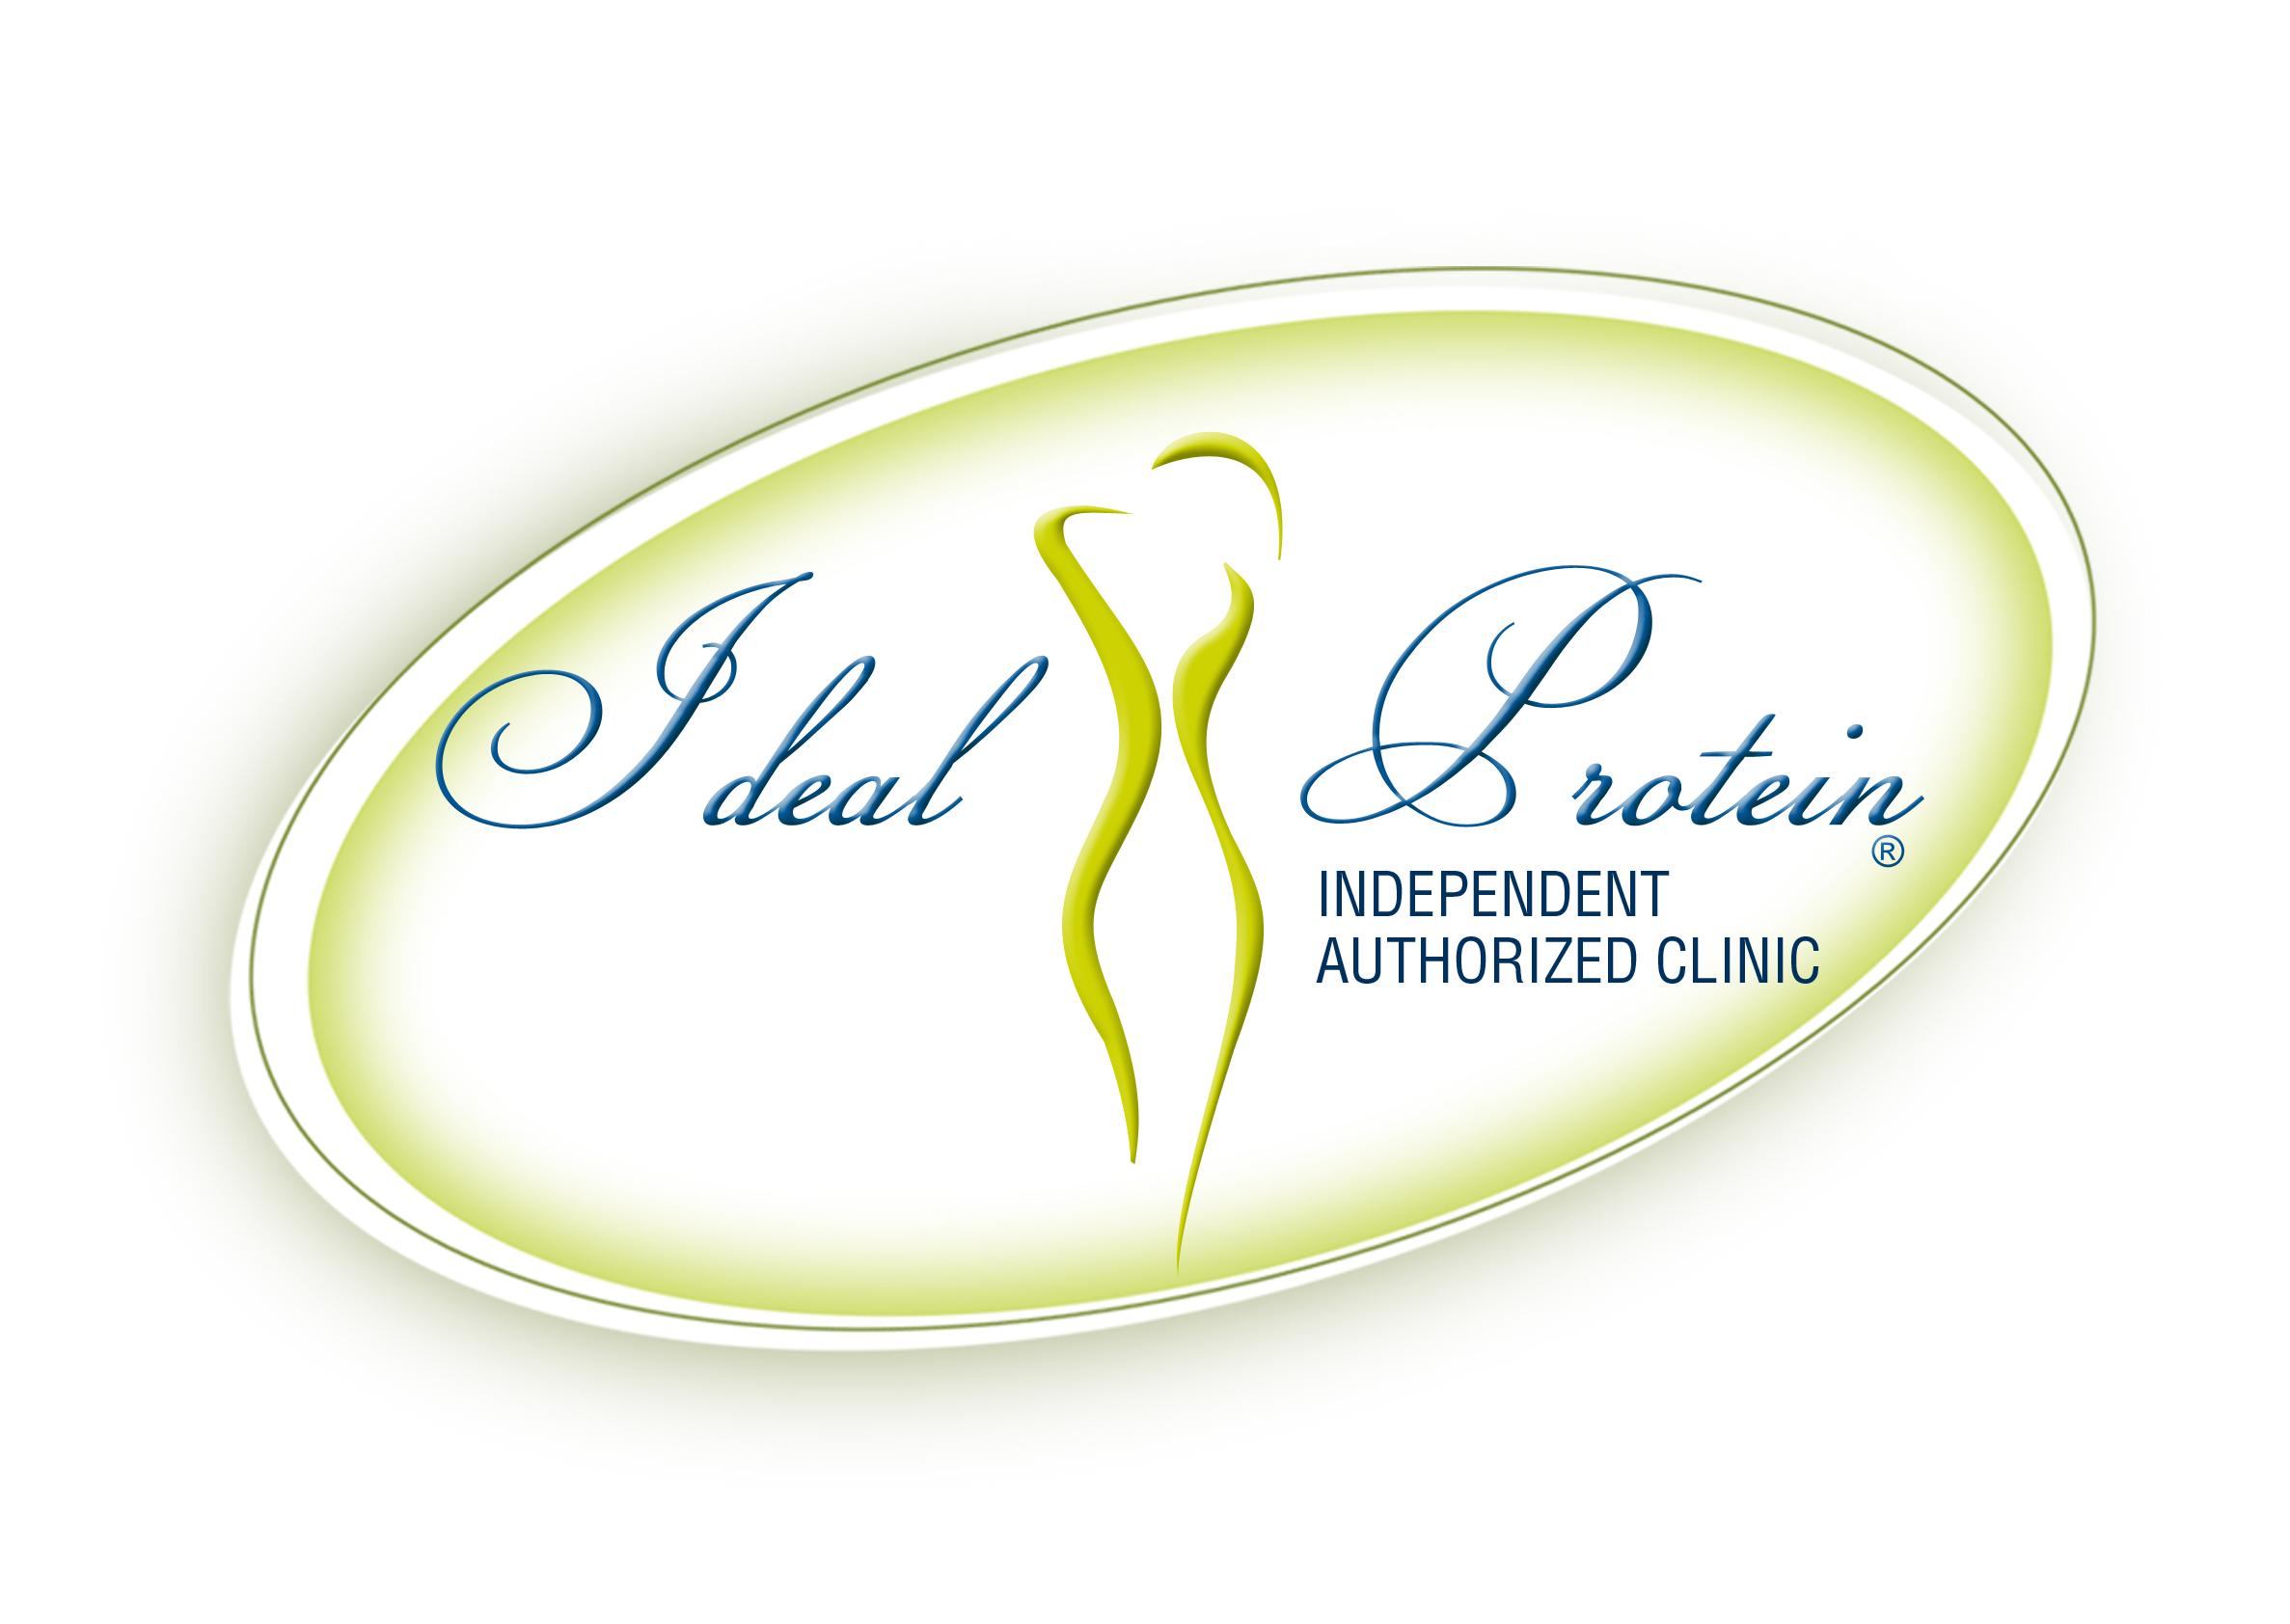 US_IP Logo_Independant Authorized Clinic_Oval